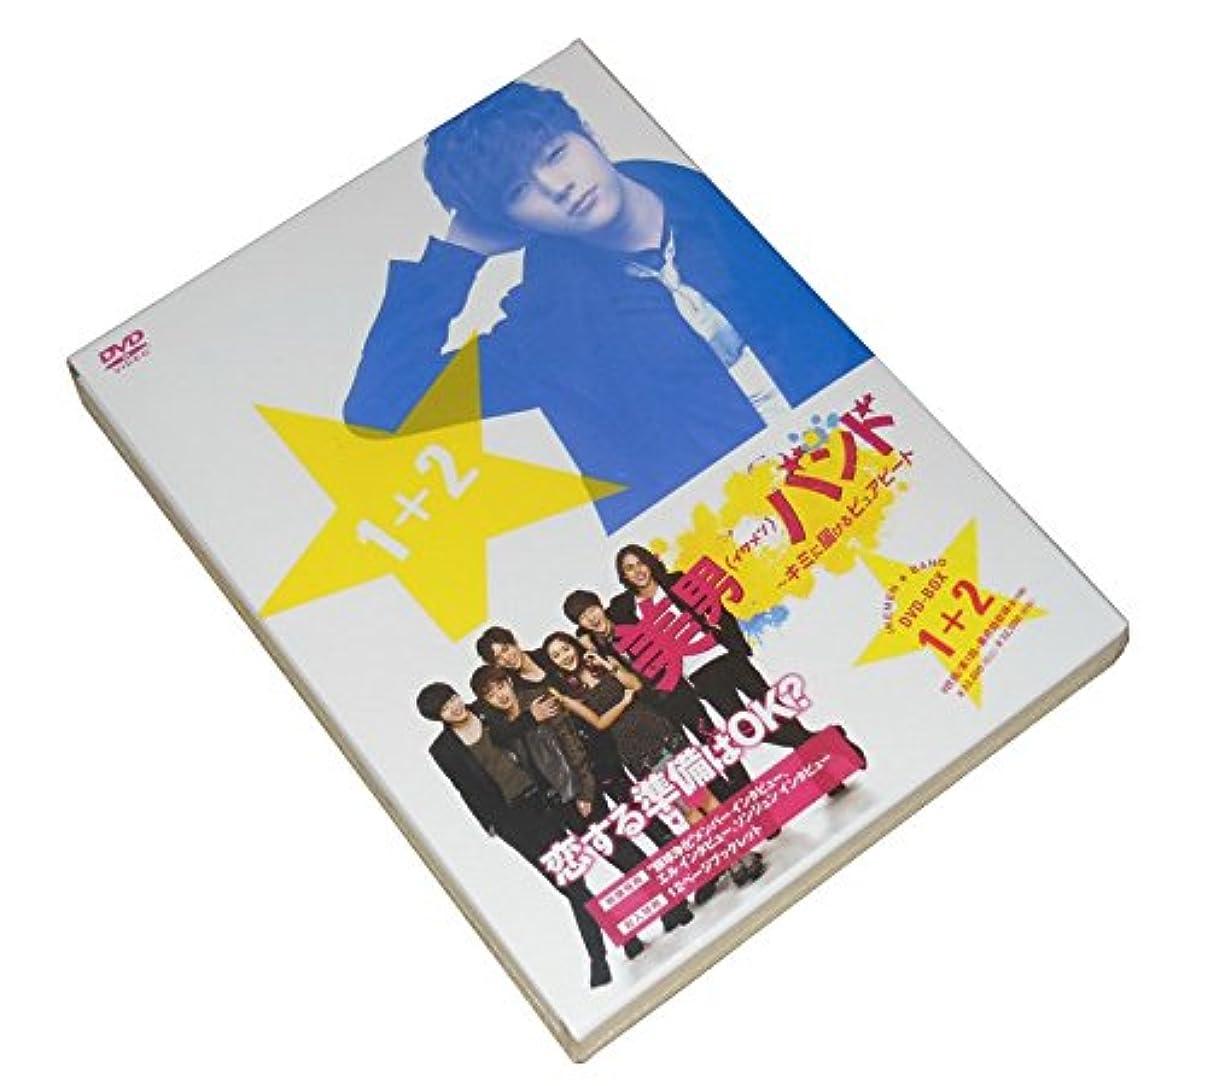 つま先四分円三角美男 イケメン バンド ~キミに届けるピュアビート BOX1+3 2012 主演: イ?ミンギ